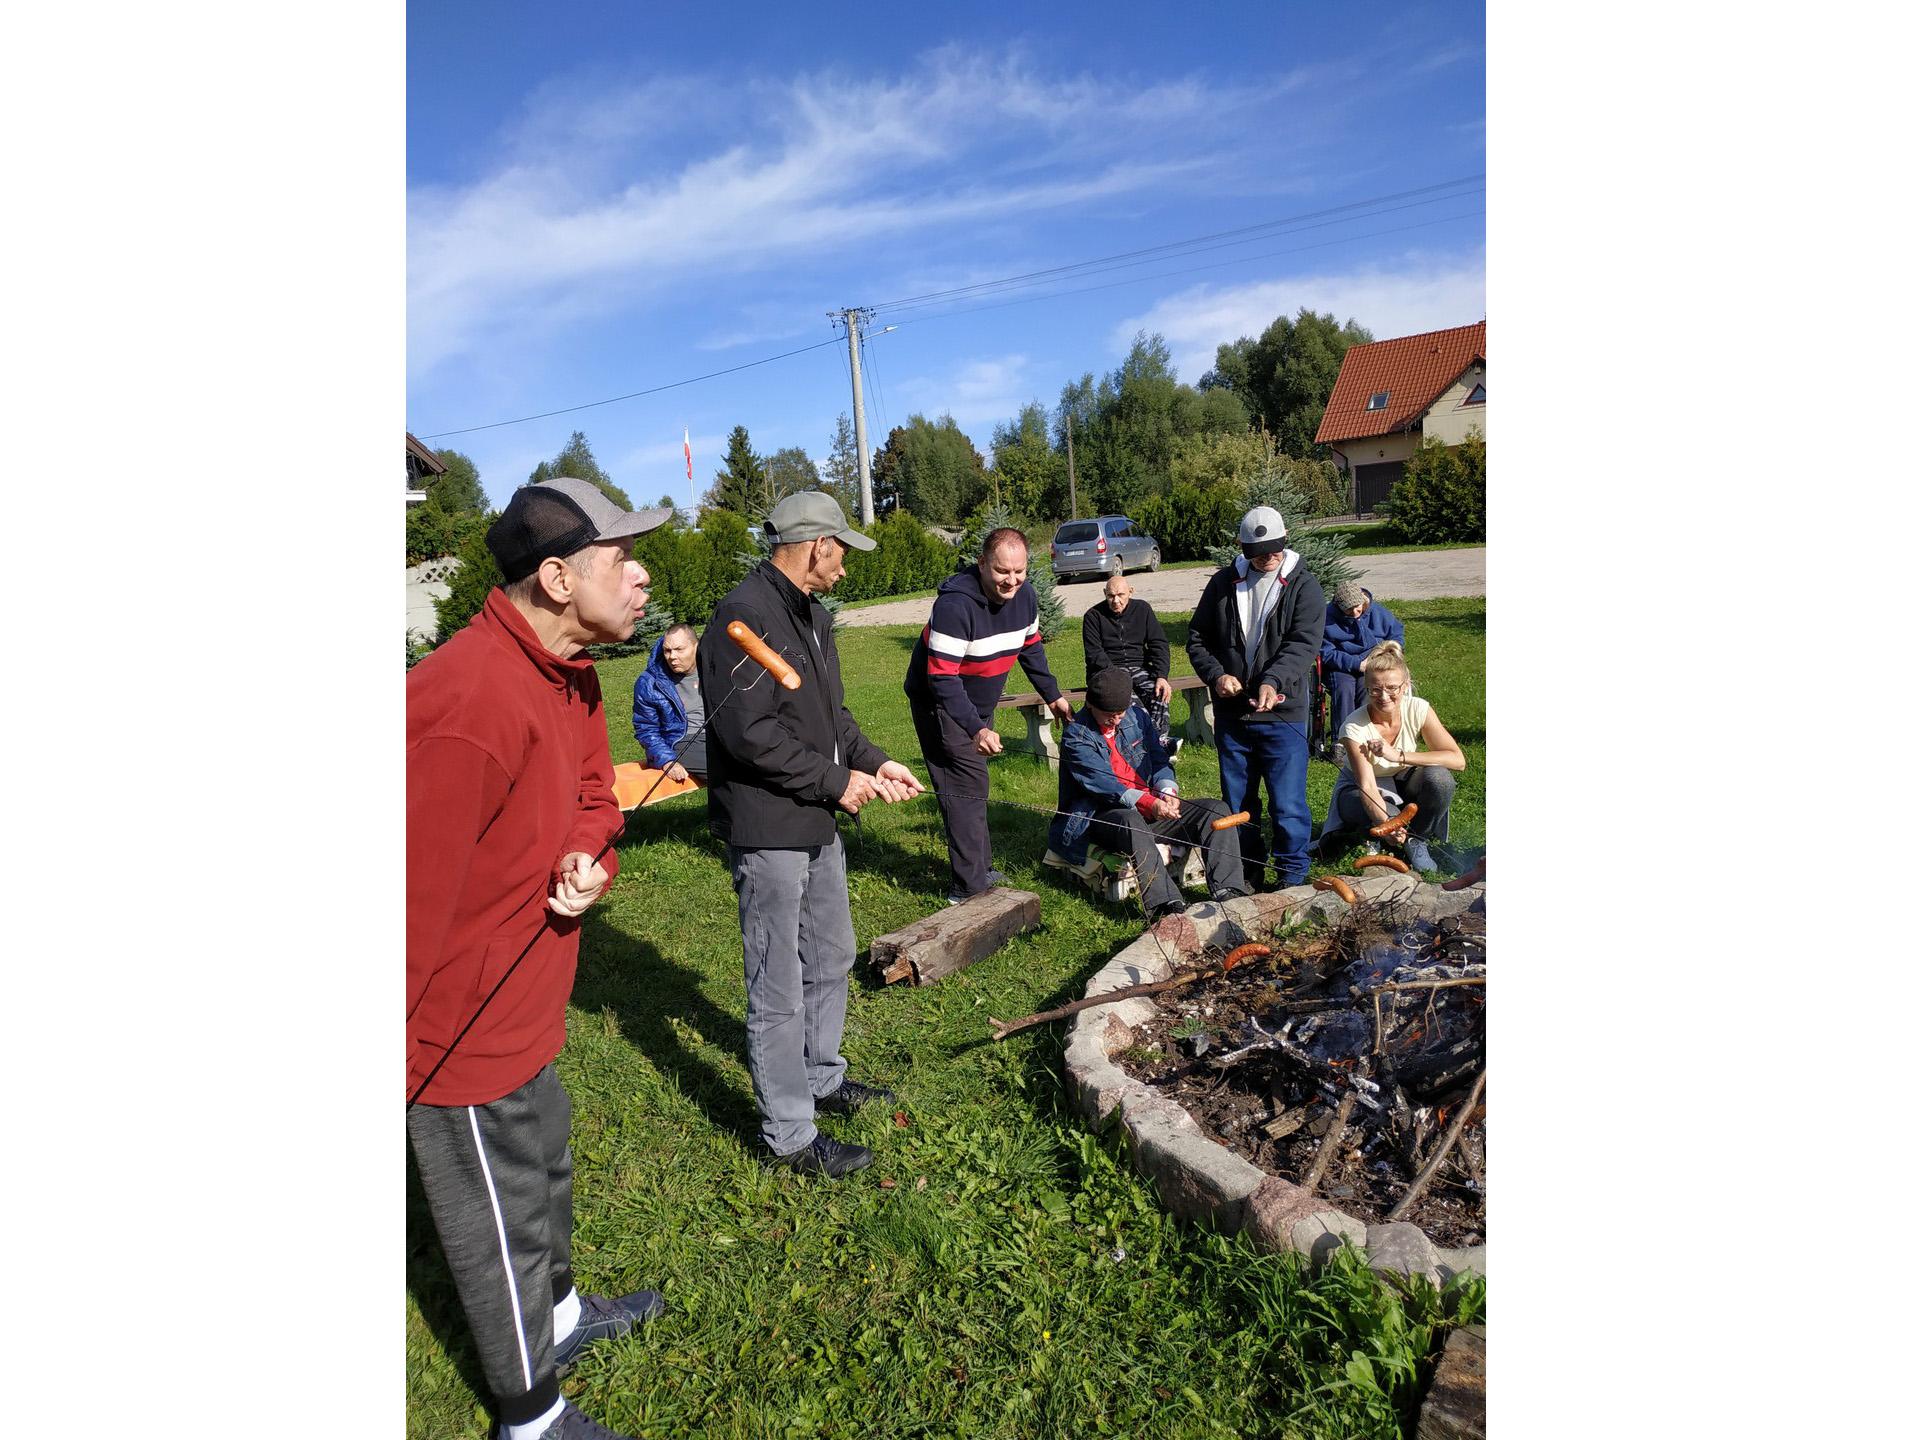 Grupa osób stojących nad ogniskiem przygotowuje sobie kiełbaski nabite na kije